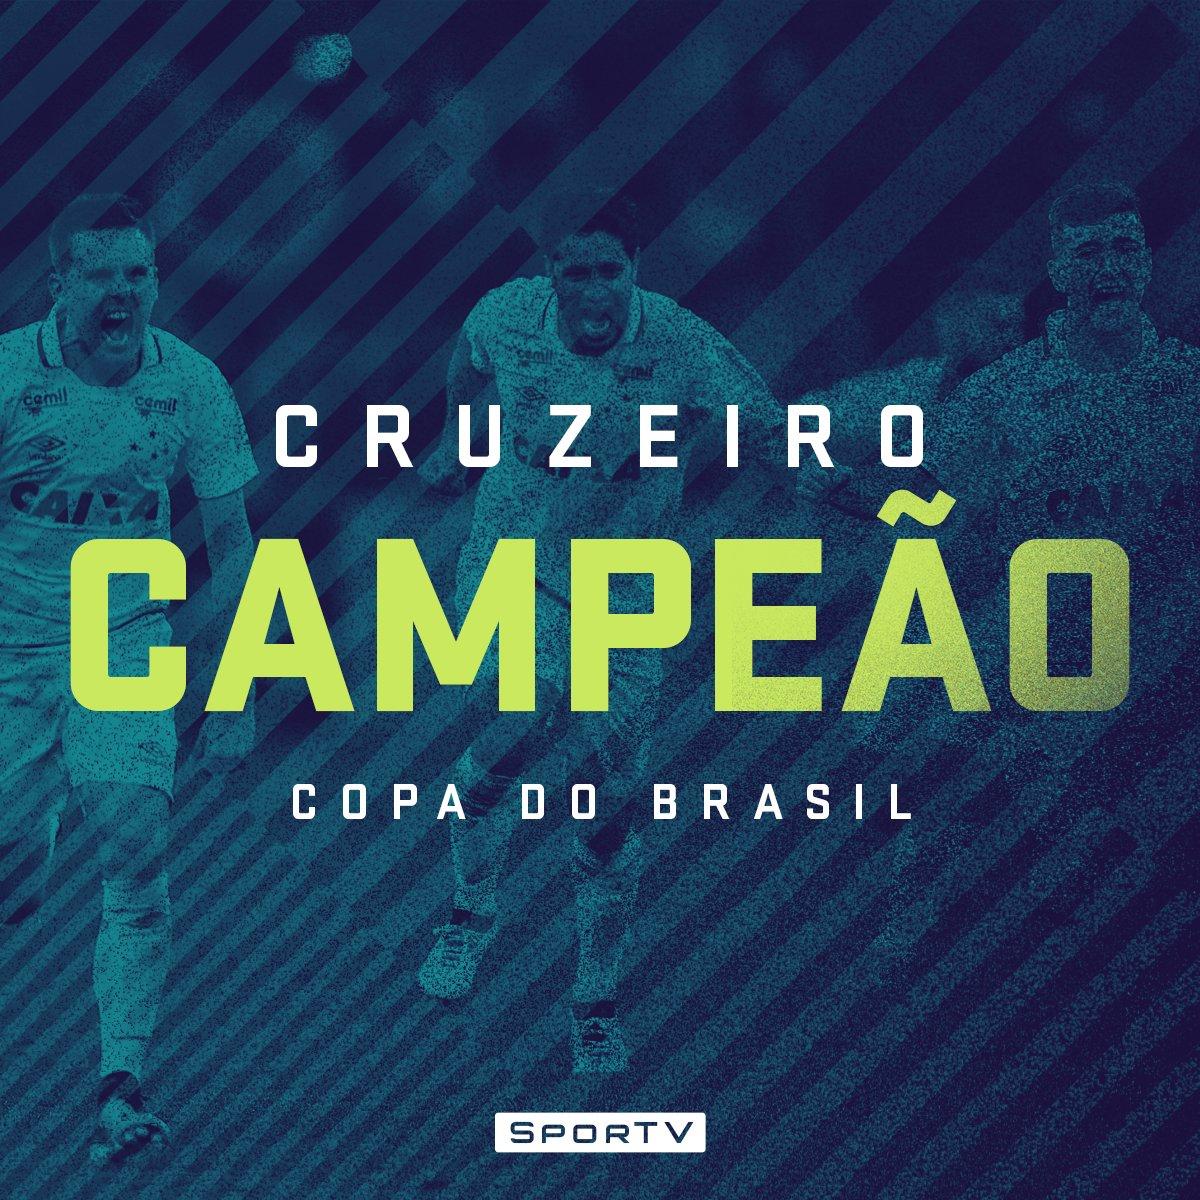 RT @SporTV: ÉÉ CAMPEÃÃO! O Cruzeiro é PENTACAMPEÃO da Copa do Brasil!   #CopaDoBrasilNoSporTV #FinalCopaDoBrasil https://t.co/dKMDpDpqRU